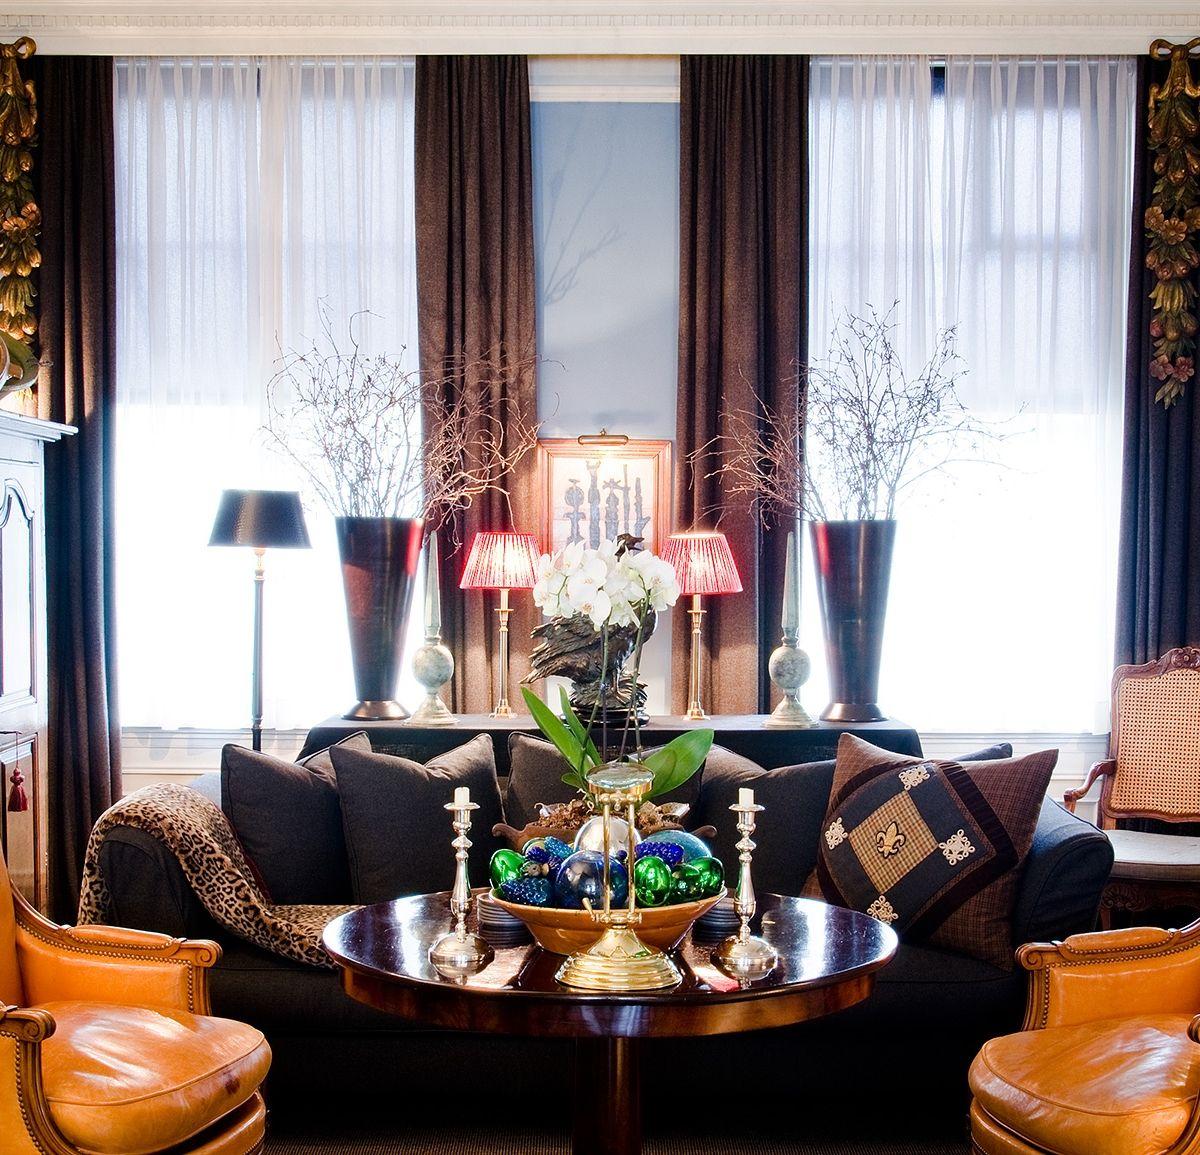 Hotel Seven One Seven, Amsterdam Hotel Interior Design